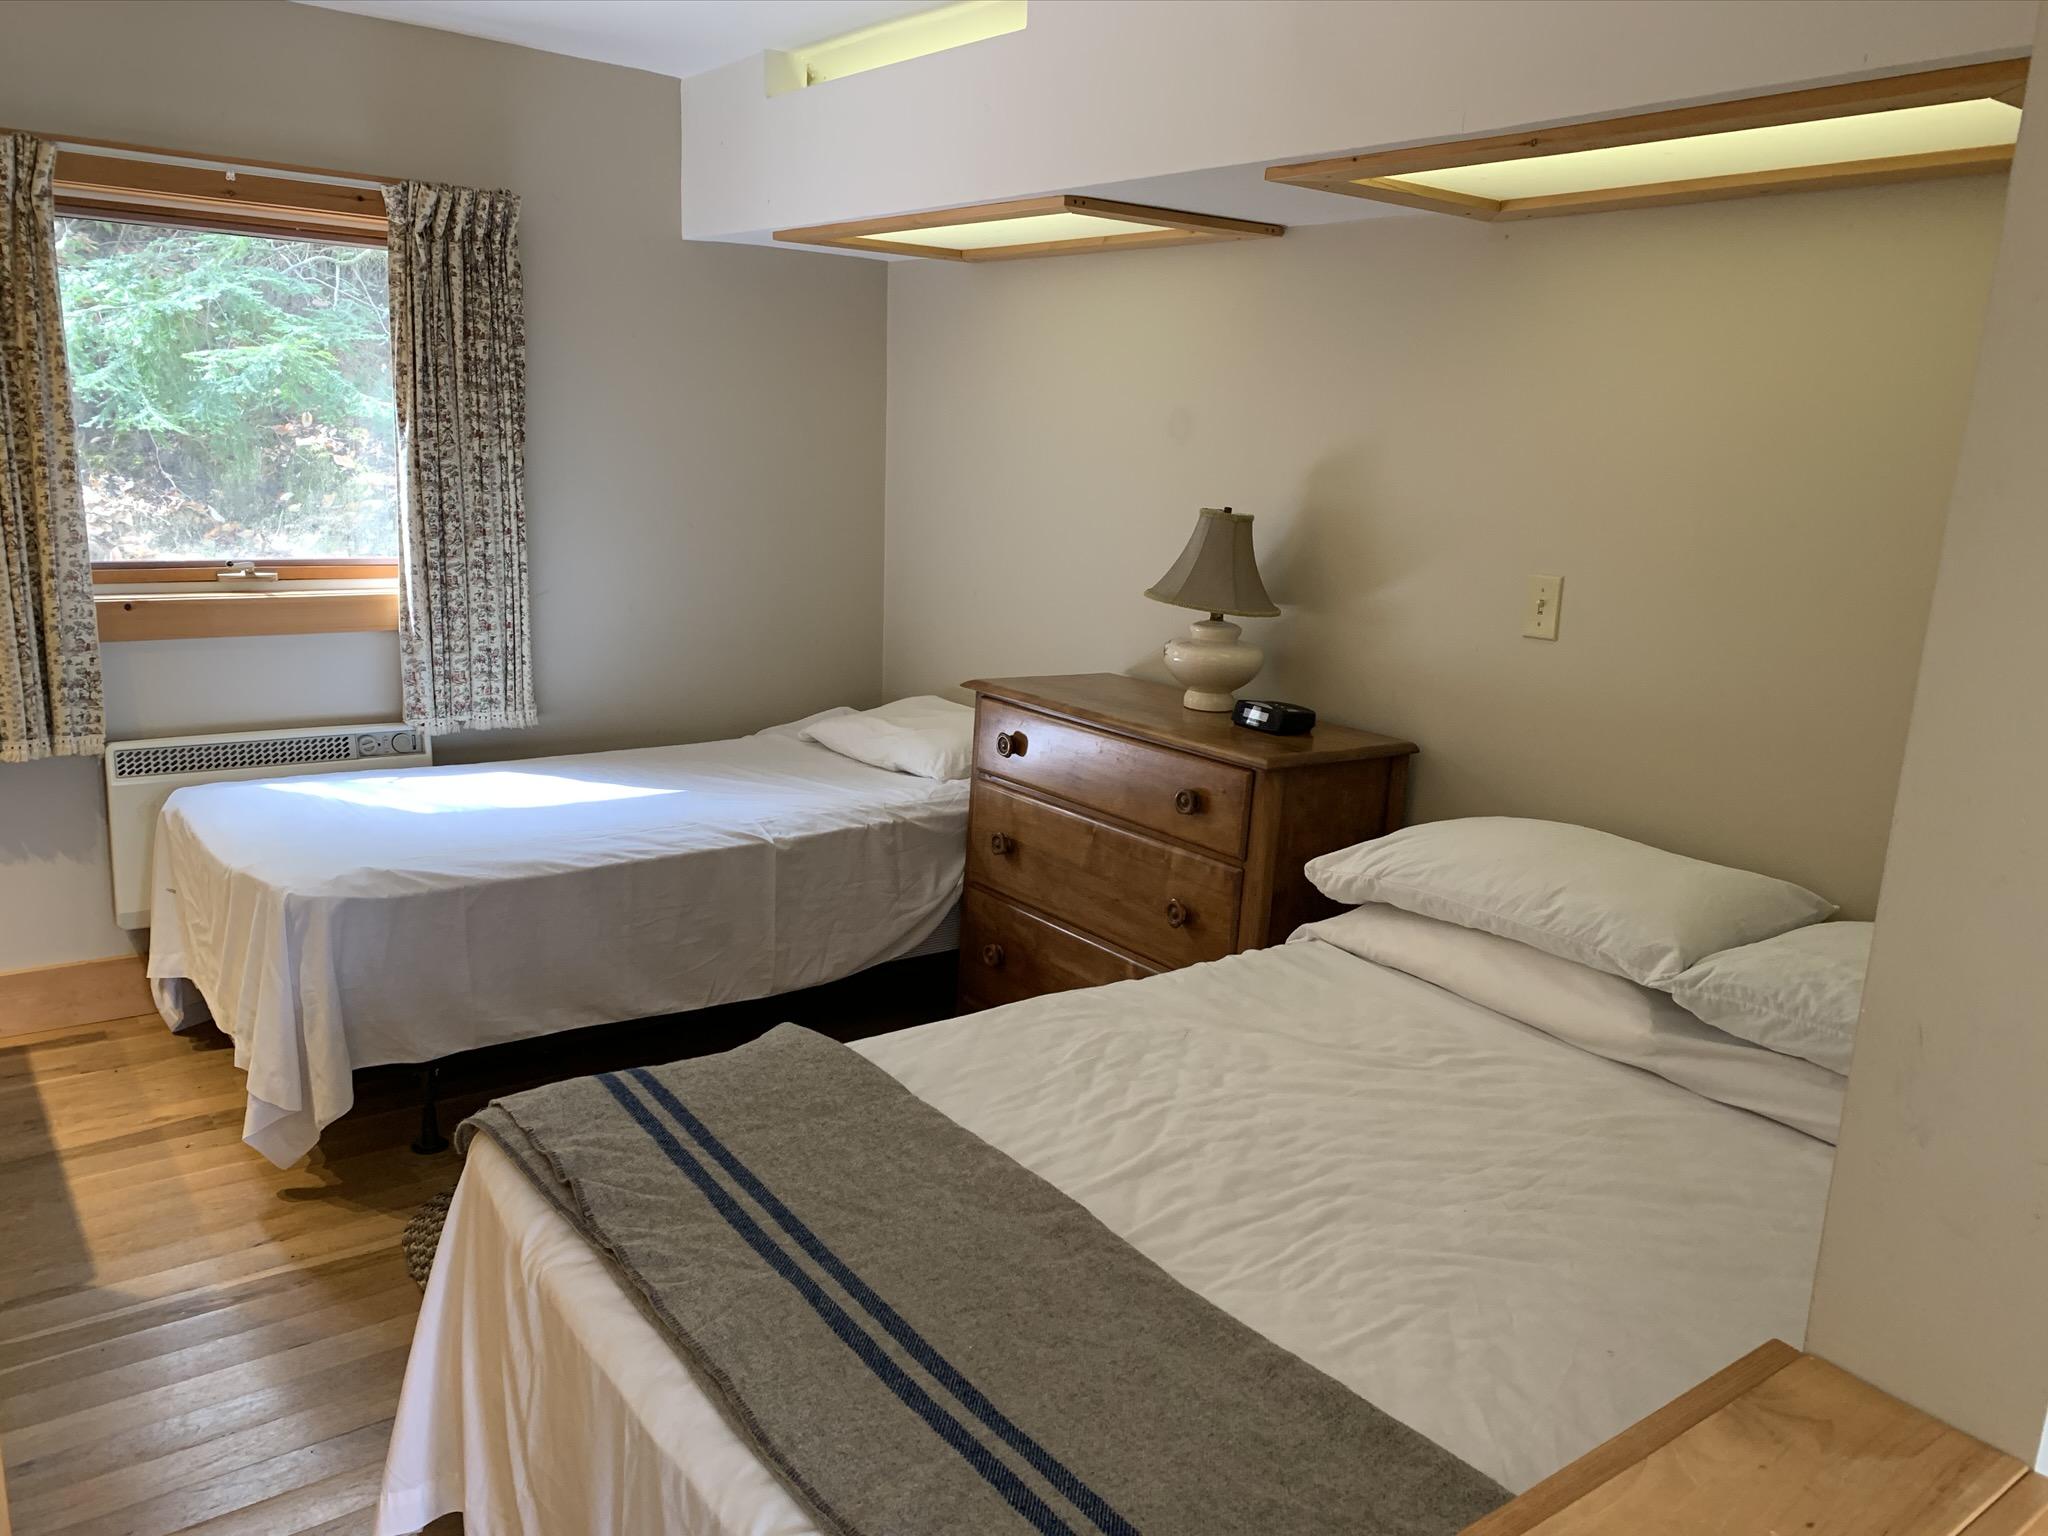 1 Bedroom - 10 - 1